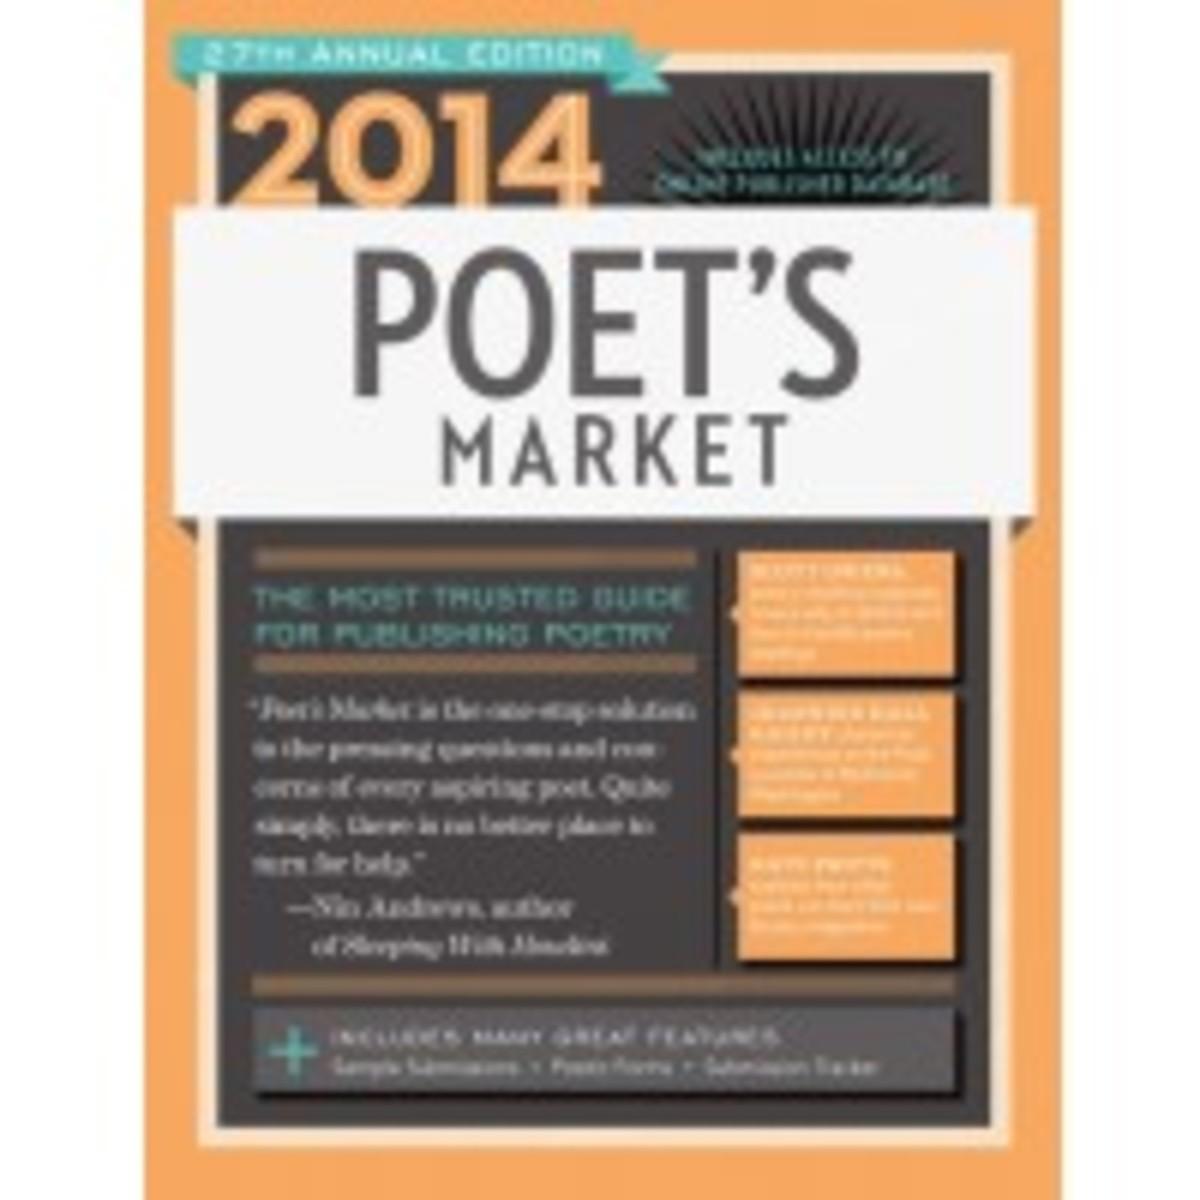 2014_poets_market